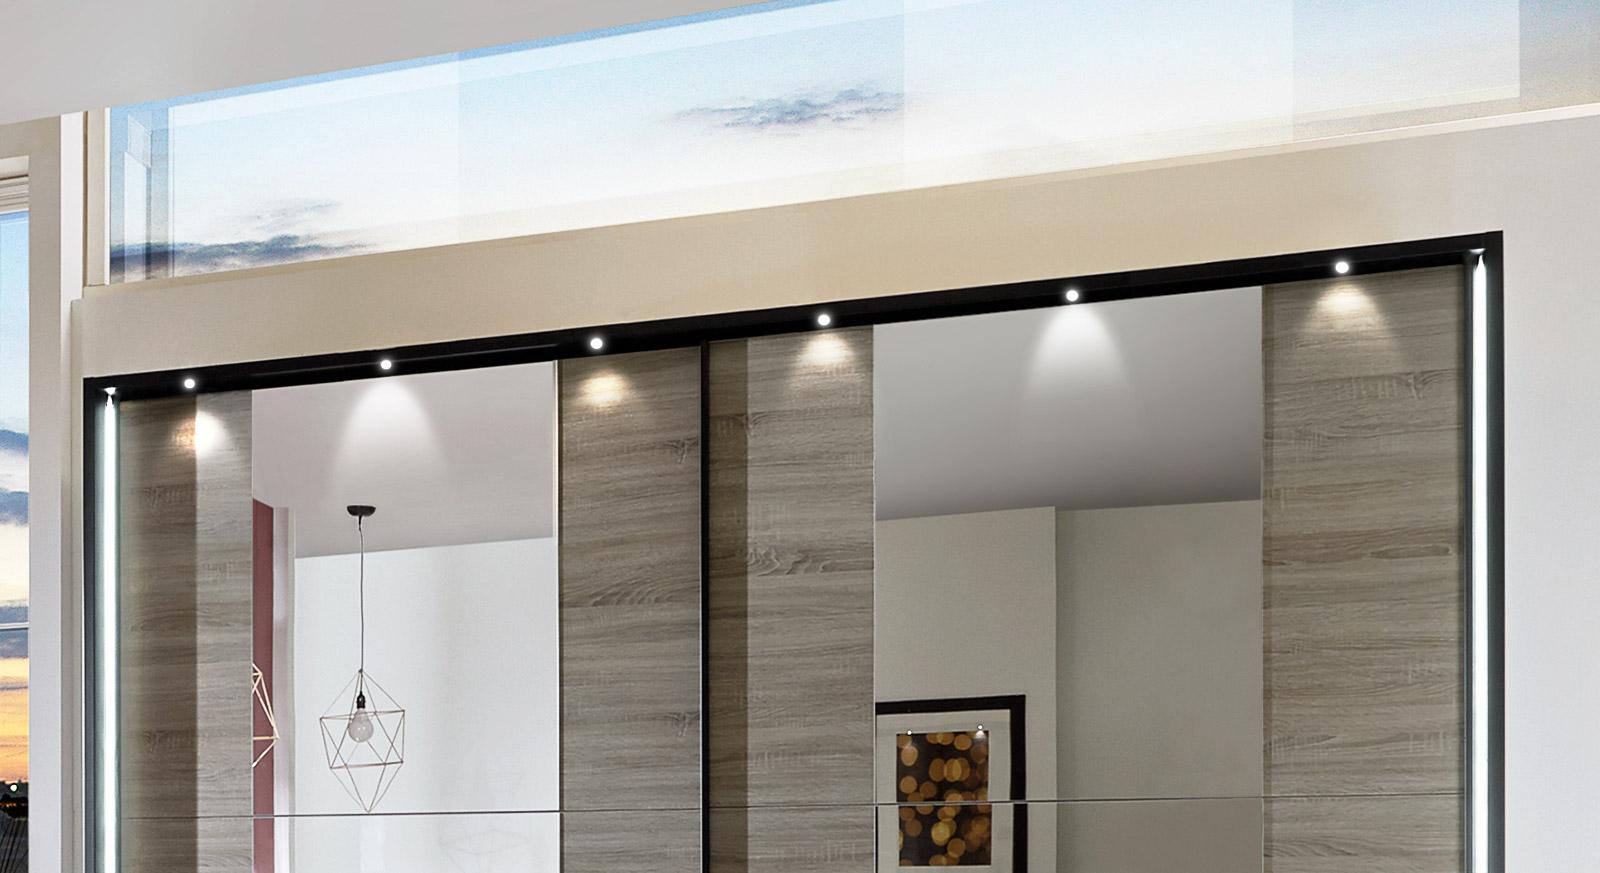 erfreut kleiderschr nke schwebet ren galerie die kinderzimmer design ideen. Black Bedroom Furniture Sets. Home Design Ideas